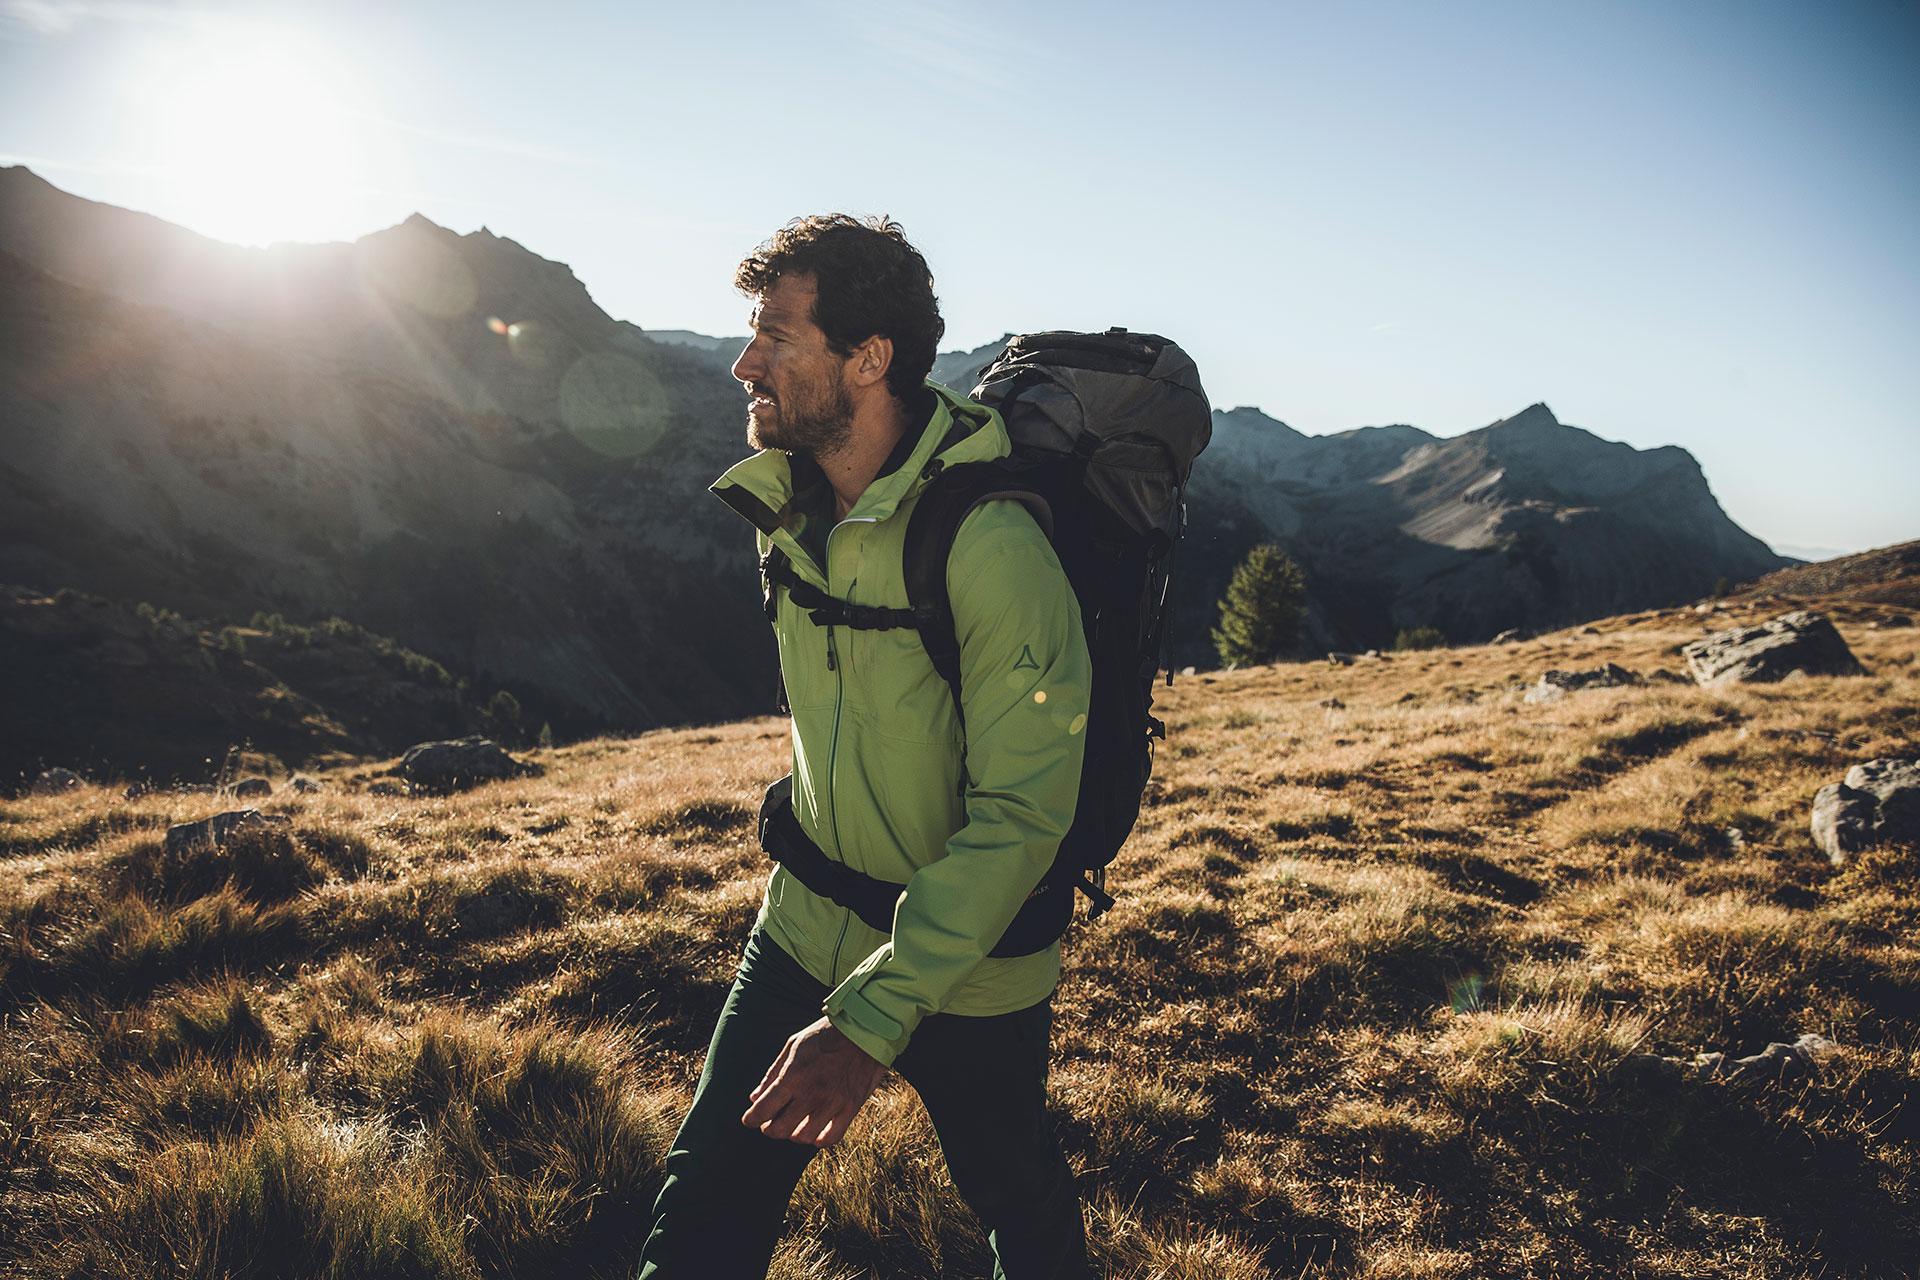 fotografie outdoor sport wandern trekking schöffel schlucht seealpen deutschland koeln